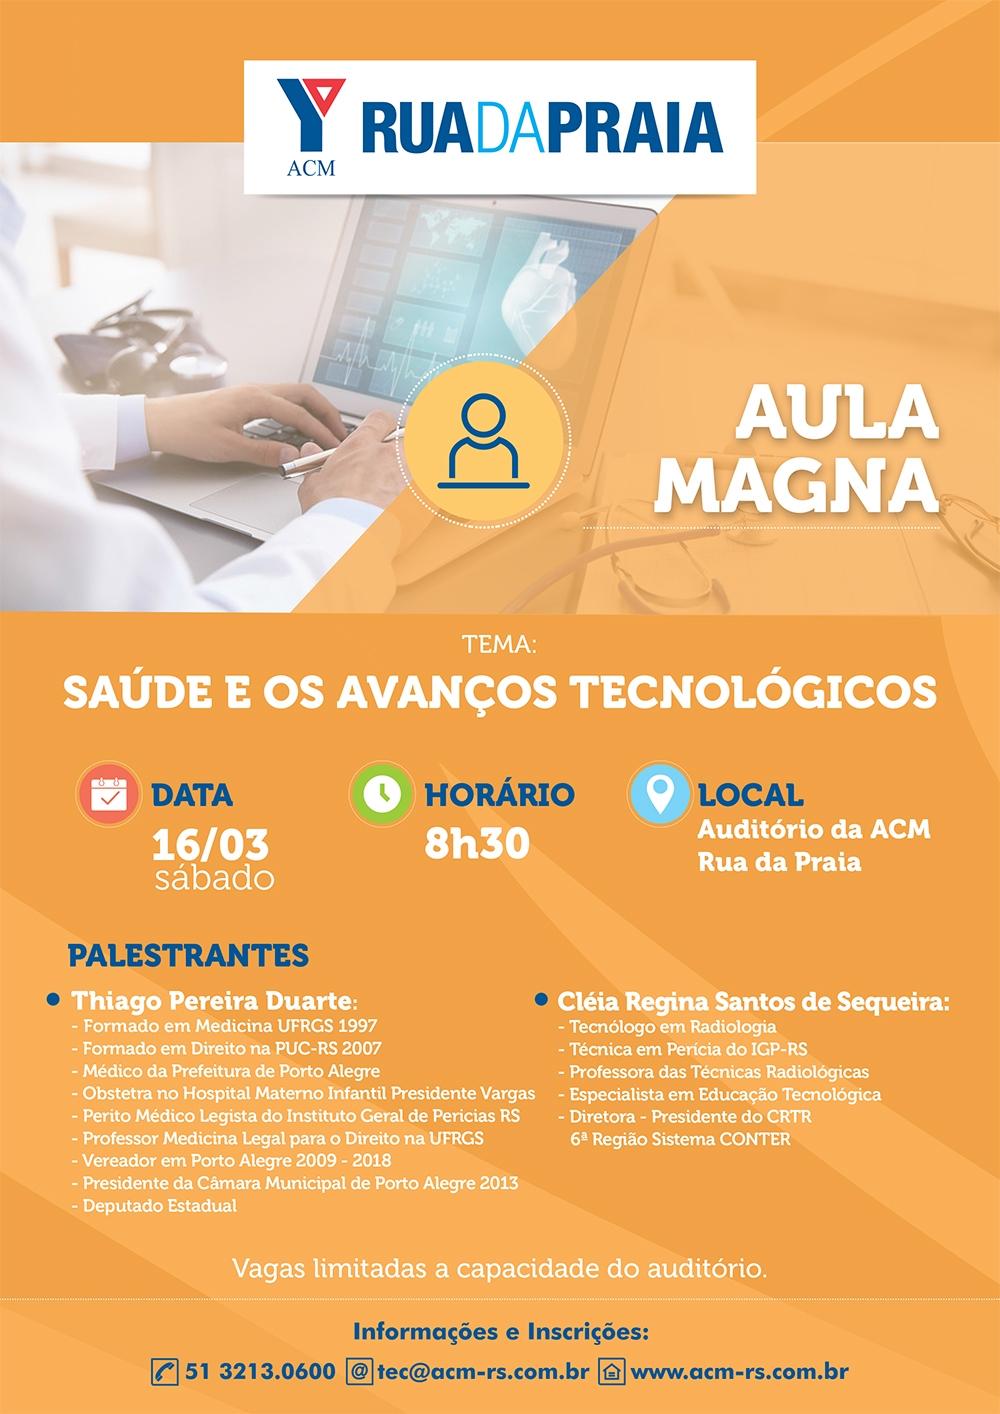 aula magna -saude e avanços tecnologicos